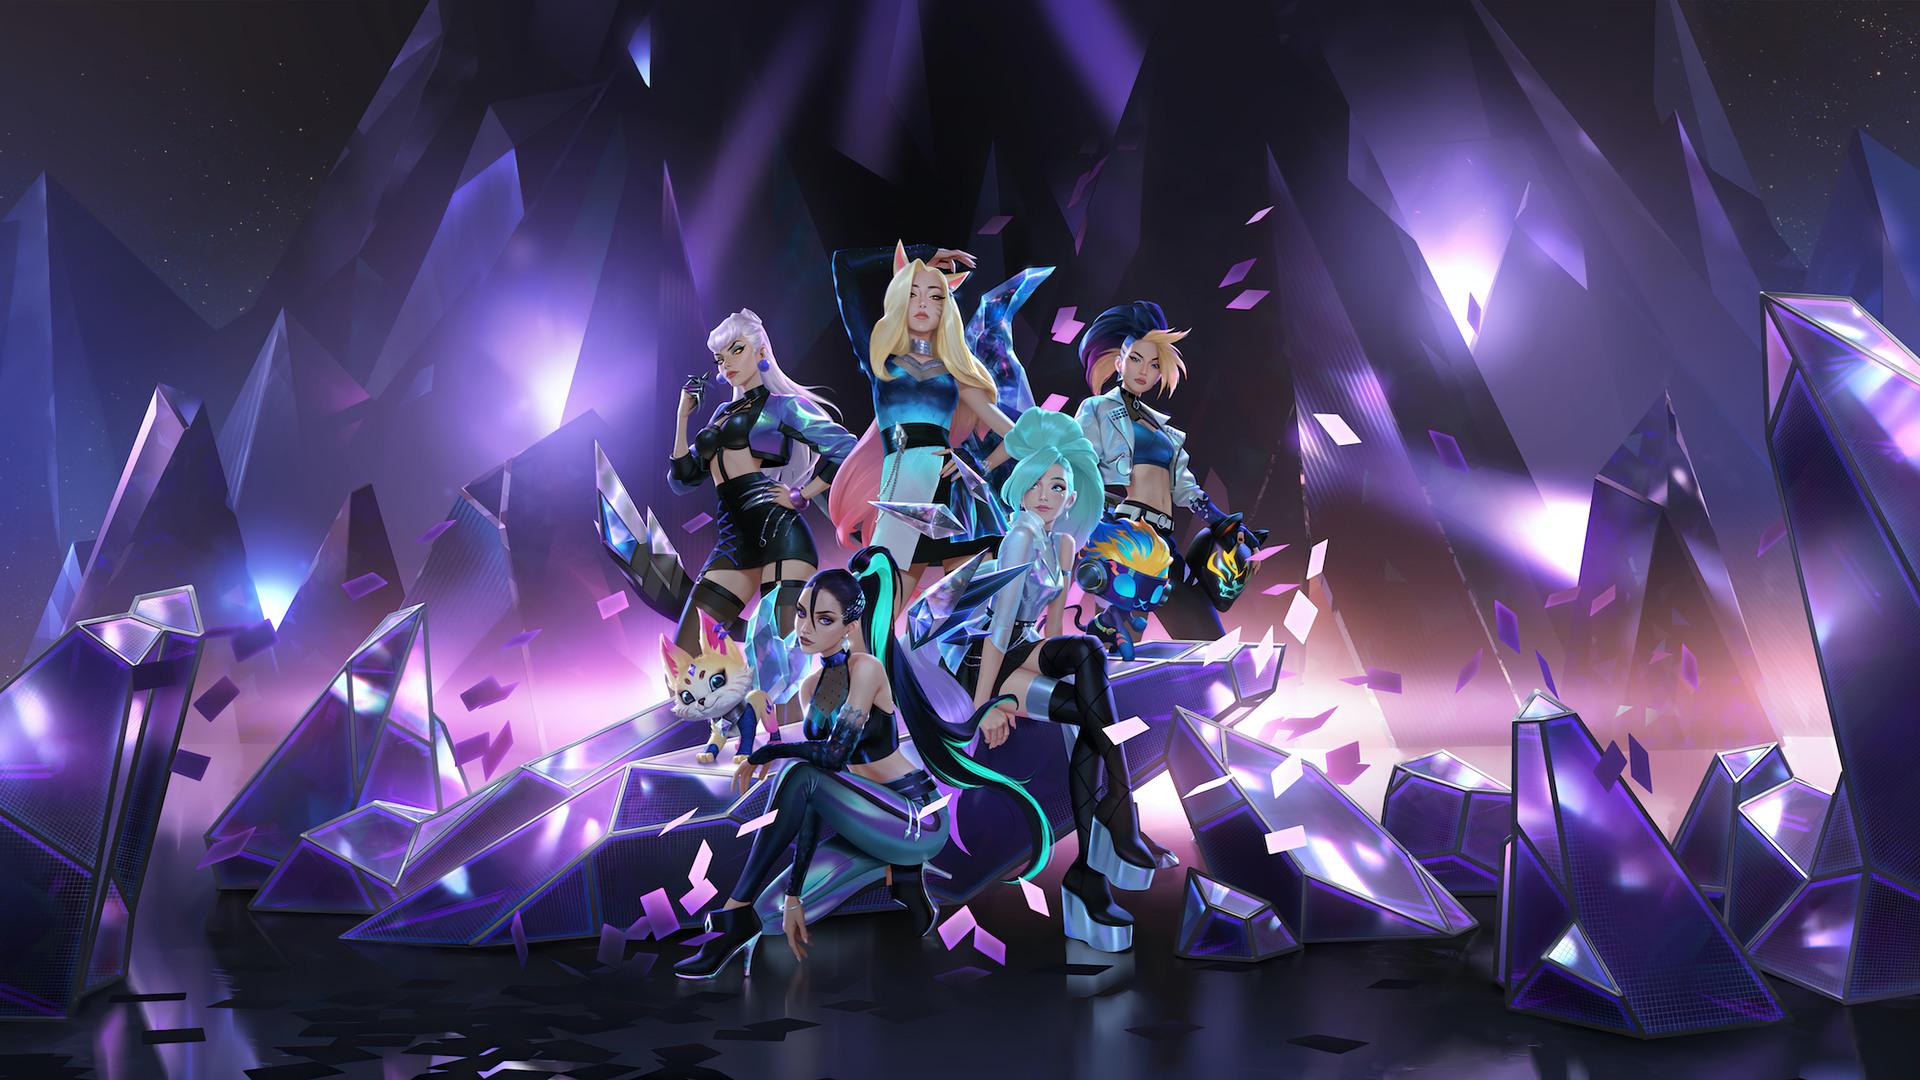 Wallpaper : League of Legends, kda, Riot Games, Ahri ...